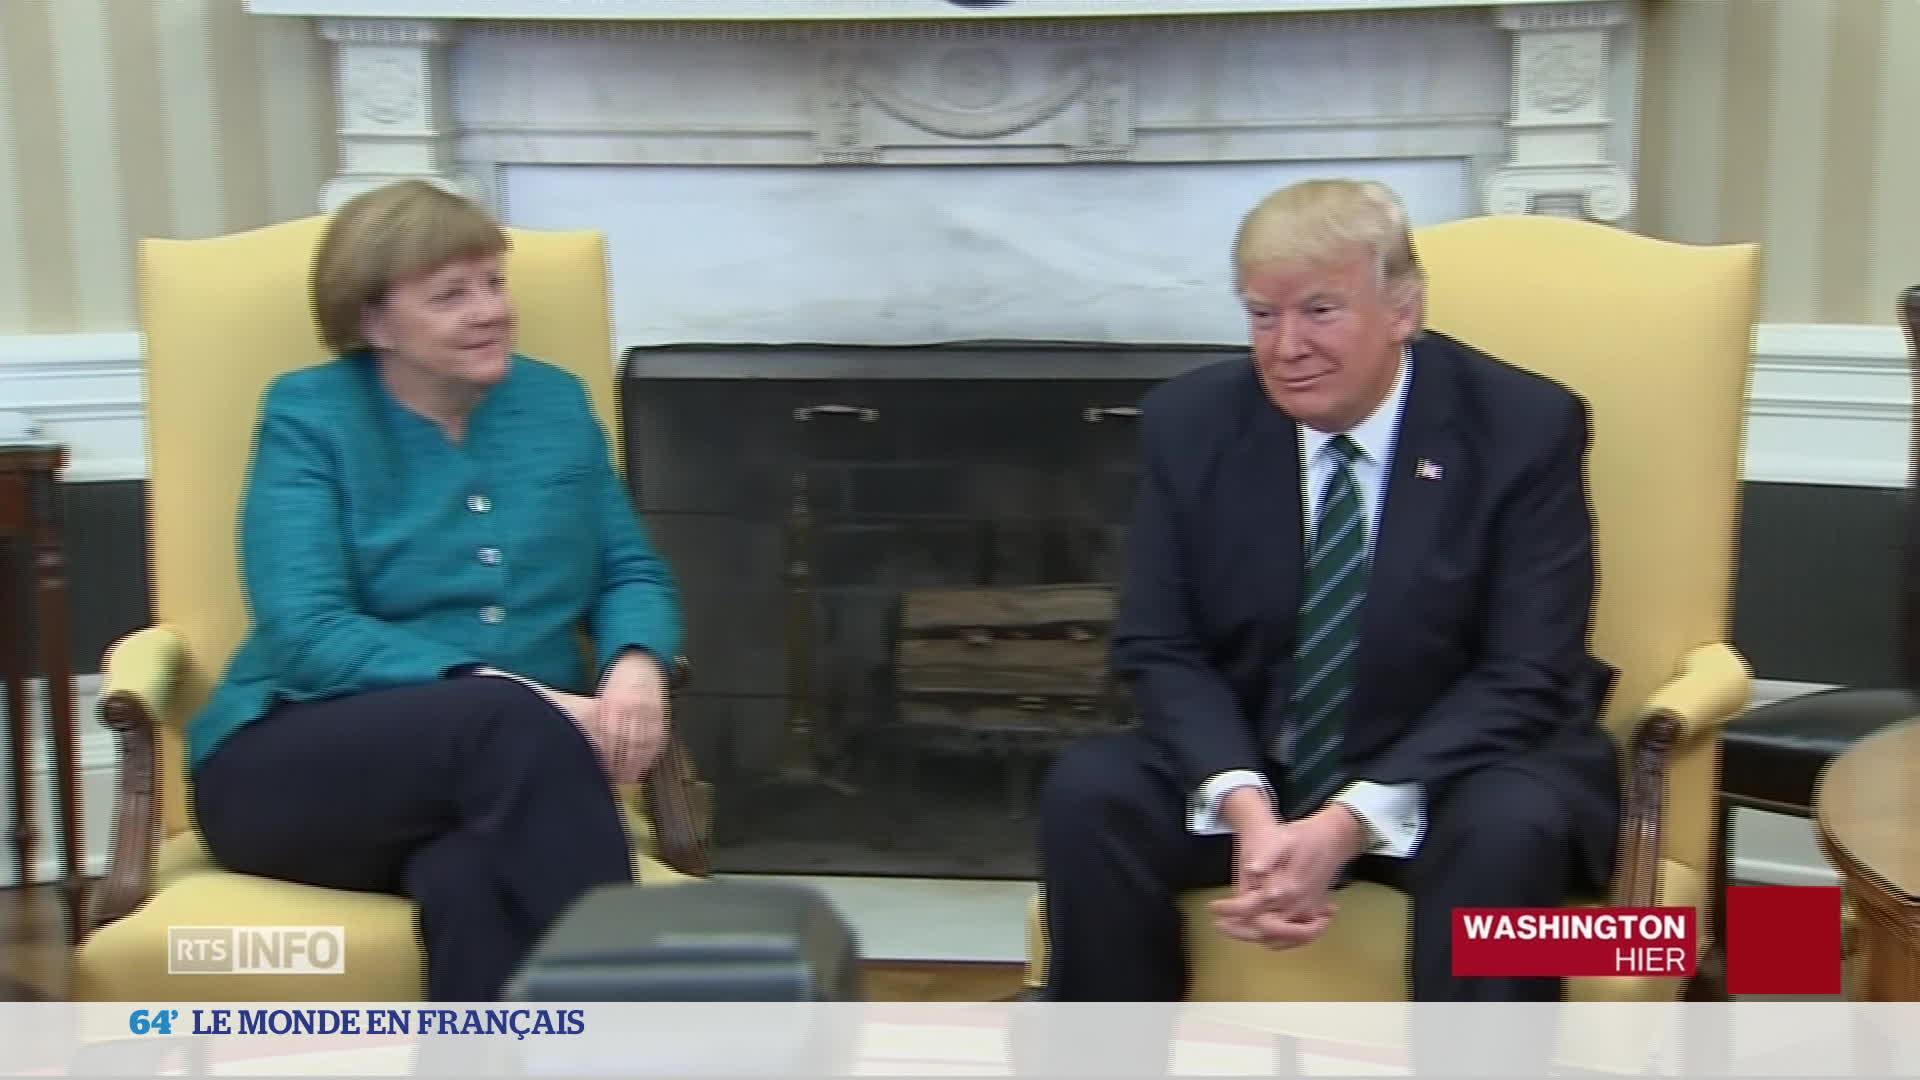 Première rencontre tendue entre Trump et Merkel